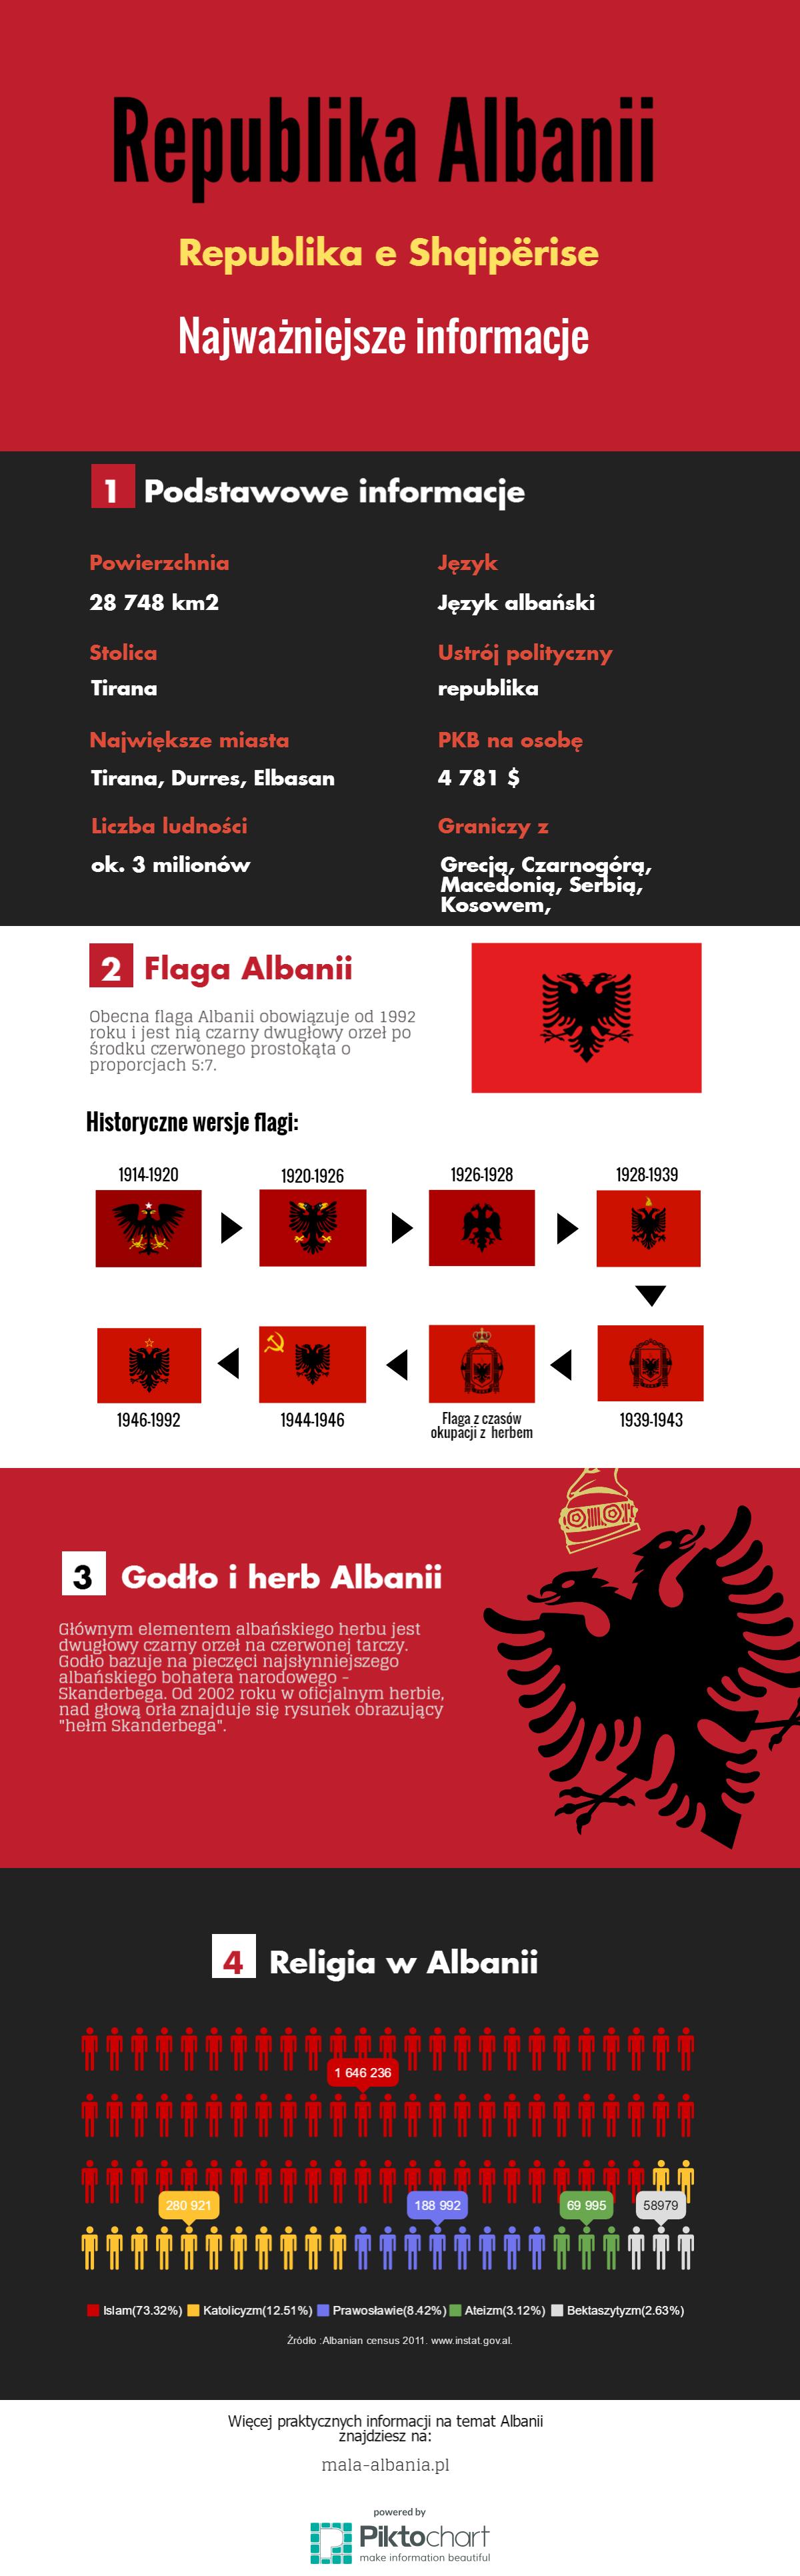 Podstawowe informacje o Albanii - infografika